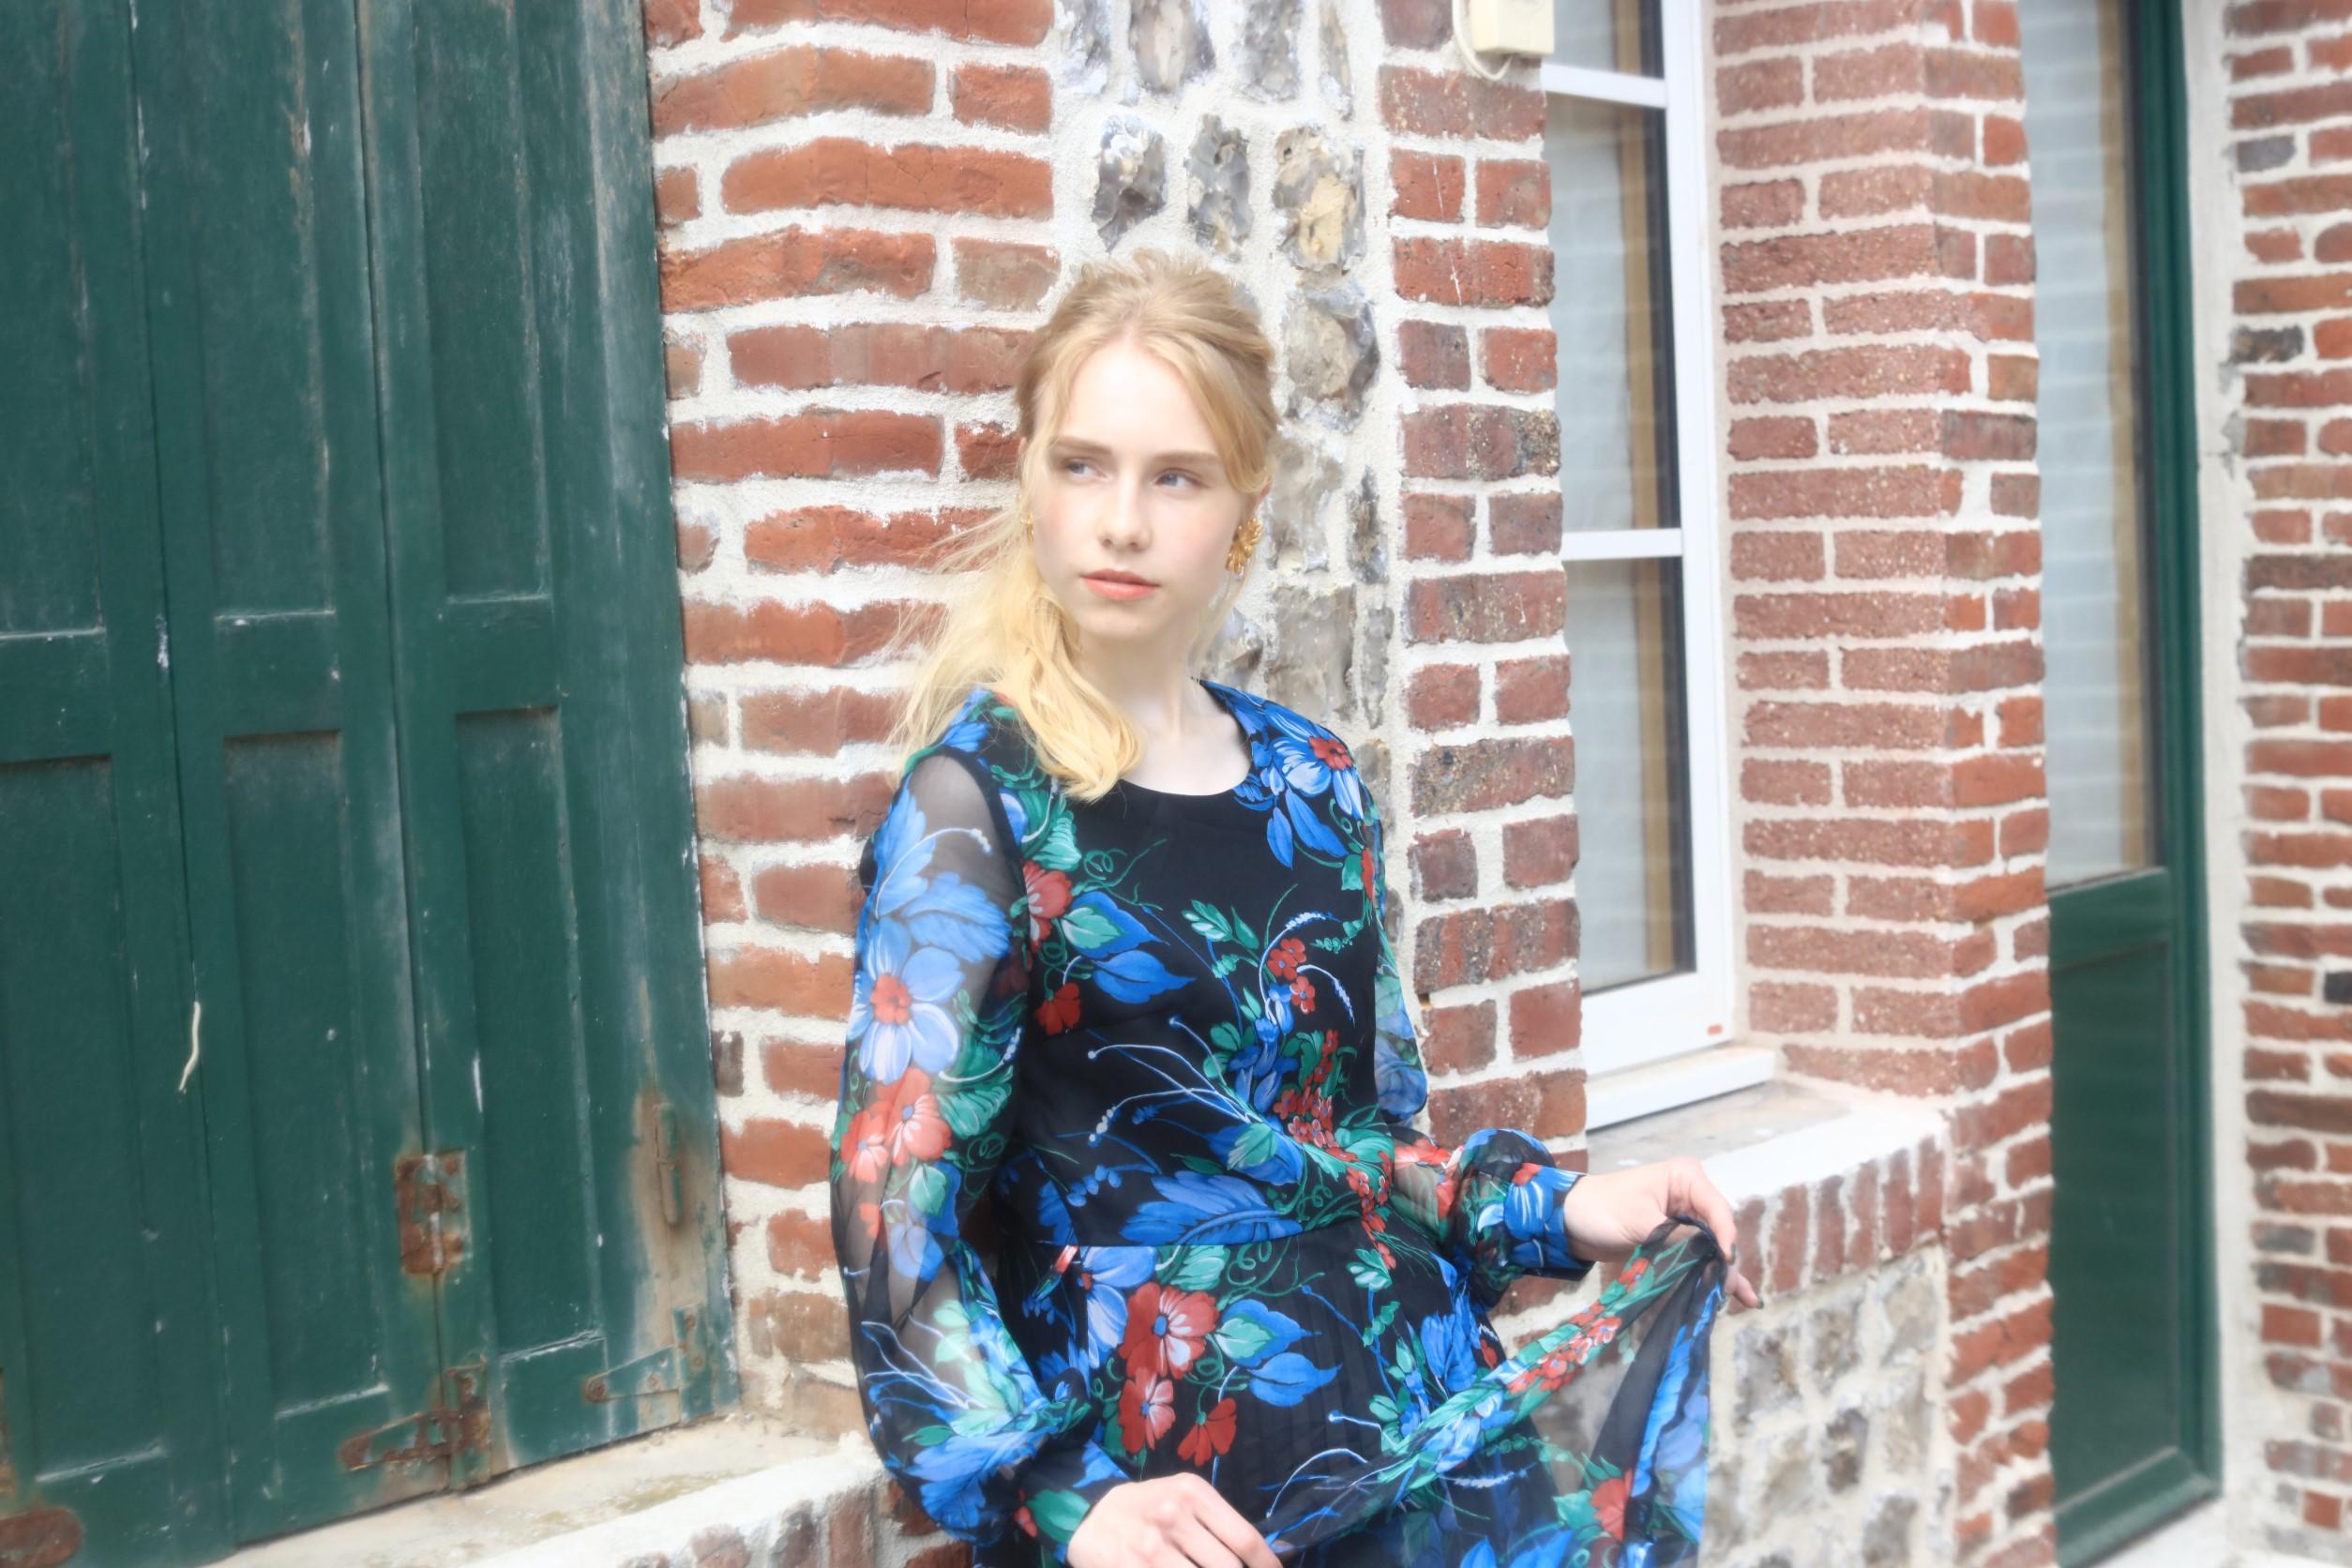 LUCIDO STYLE WINS(ルシードスタイルウインズ)女性モデル